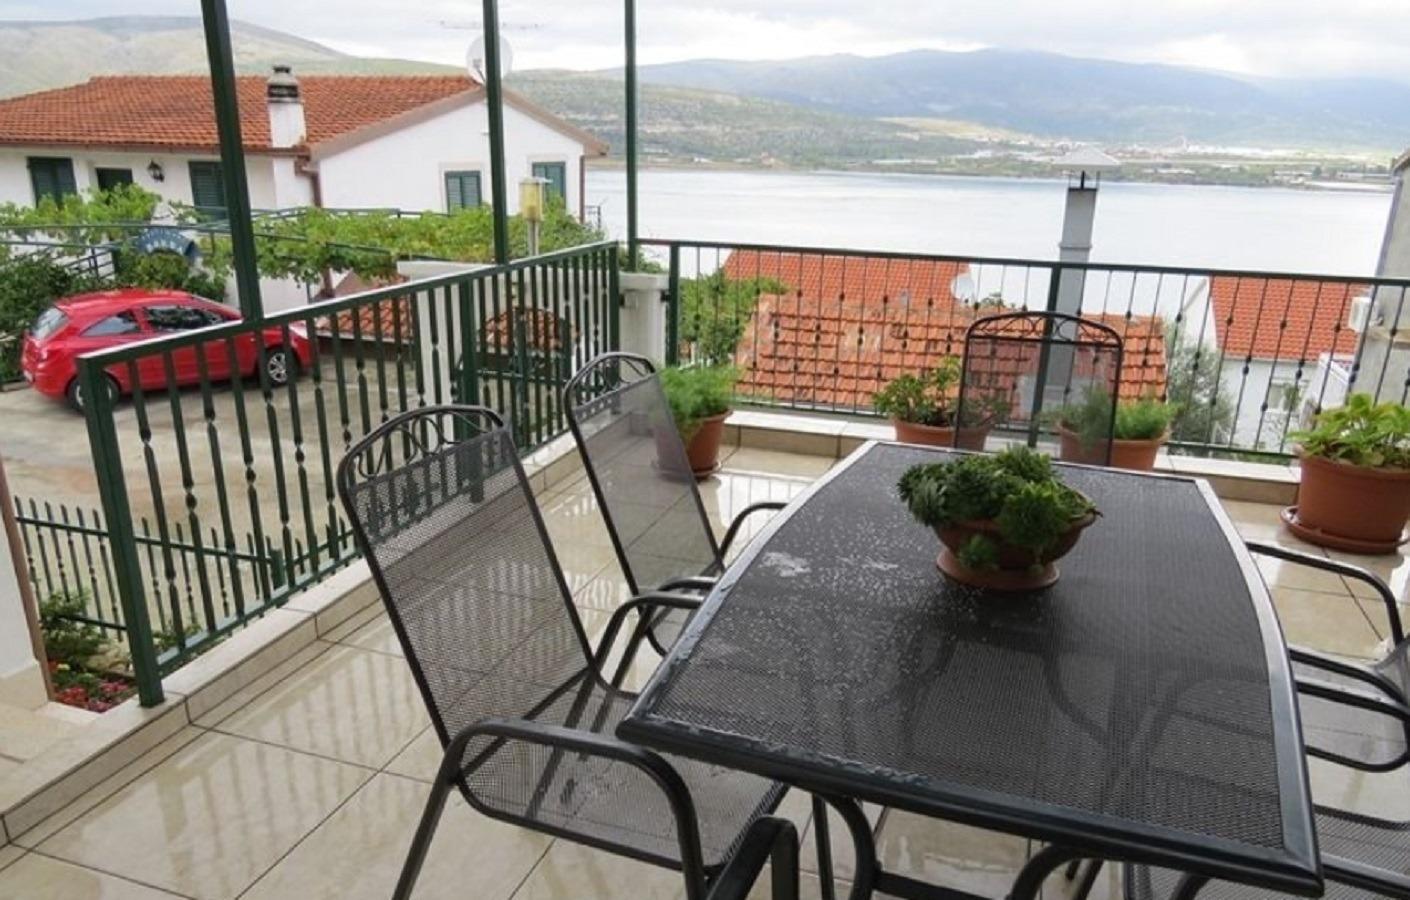 Bubi - Mastrinka - Appartementen Kroatië - gezamelijke terras